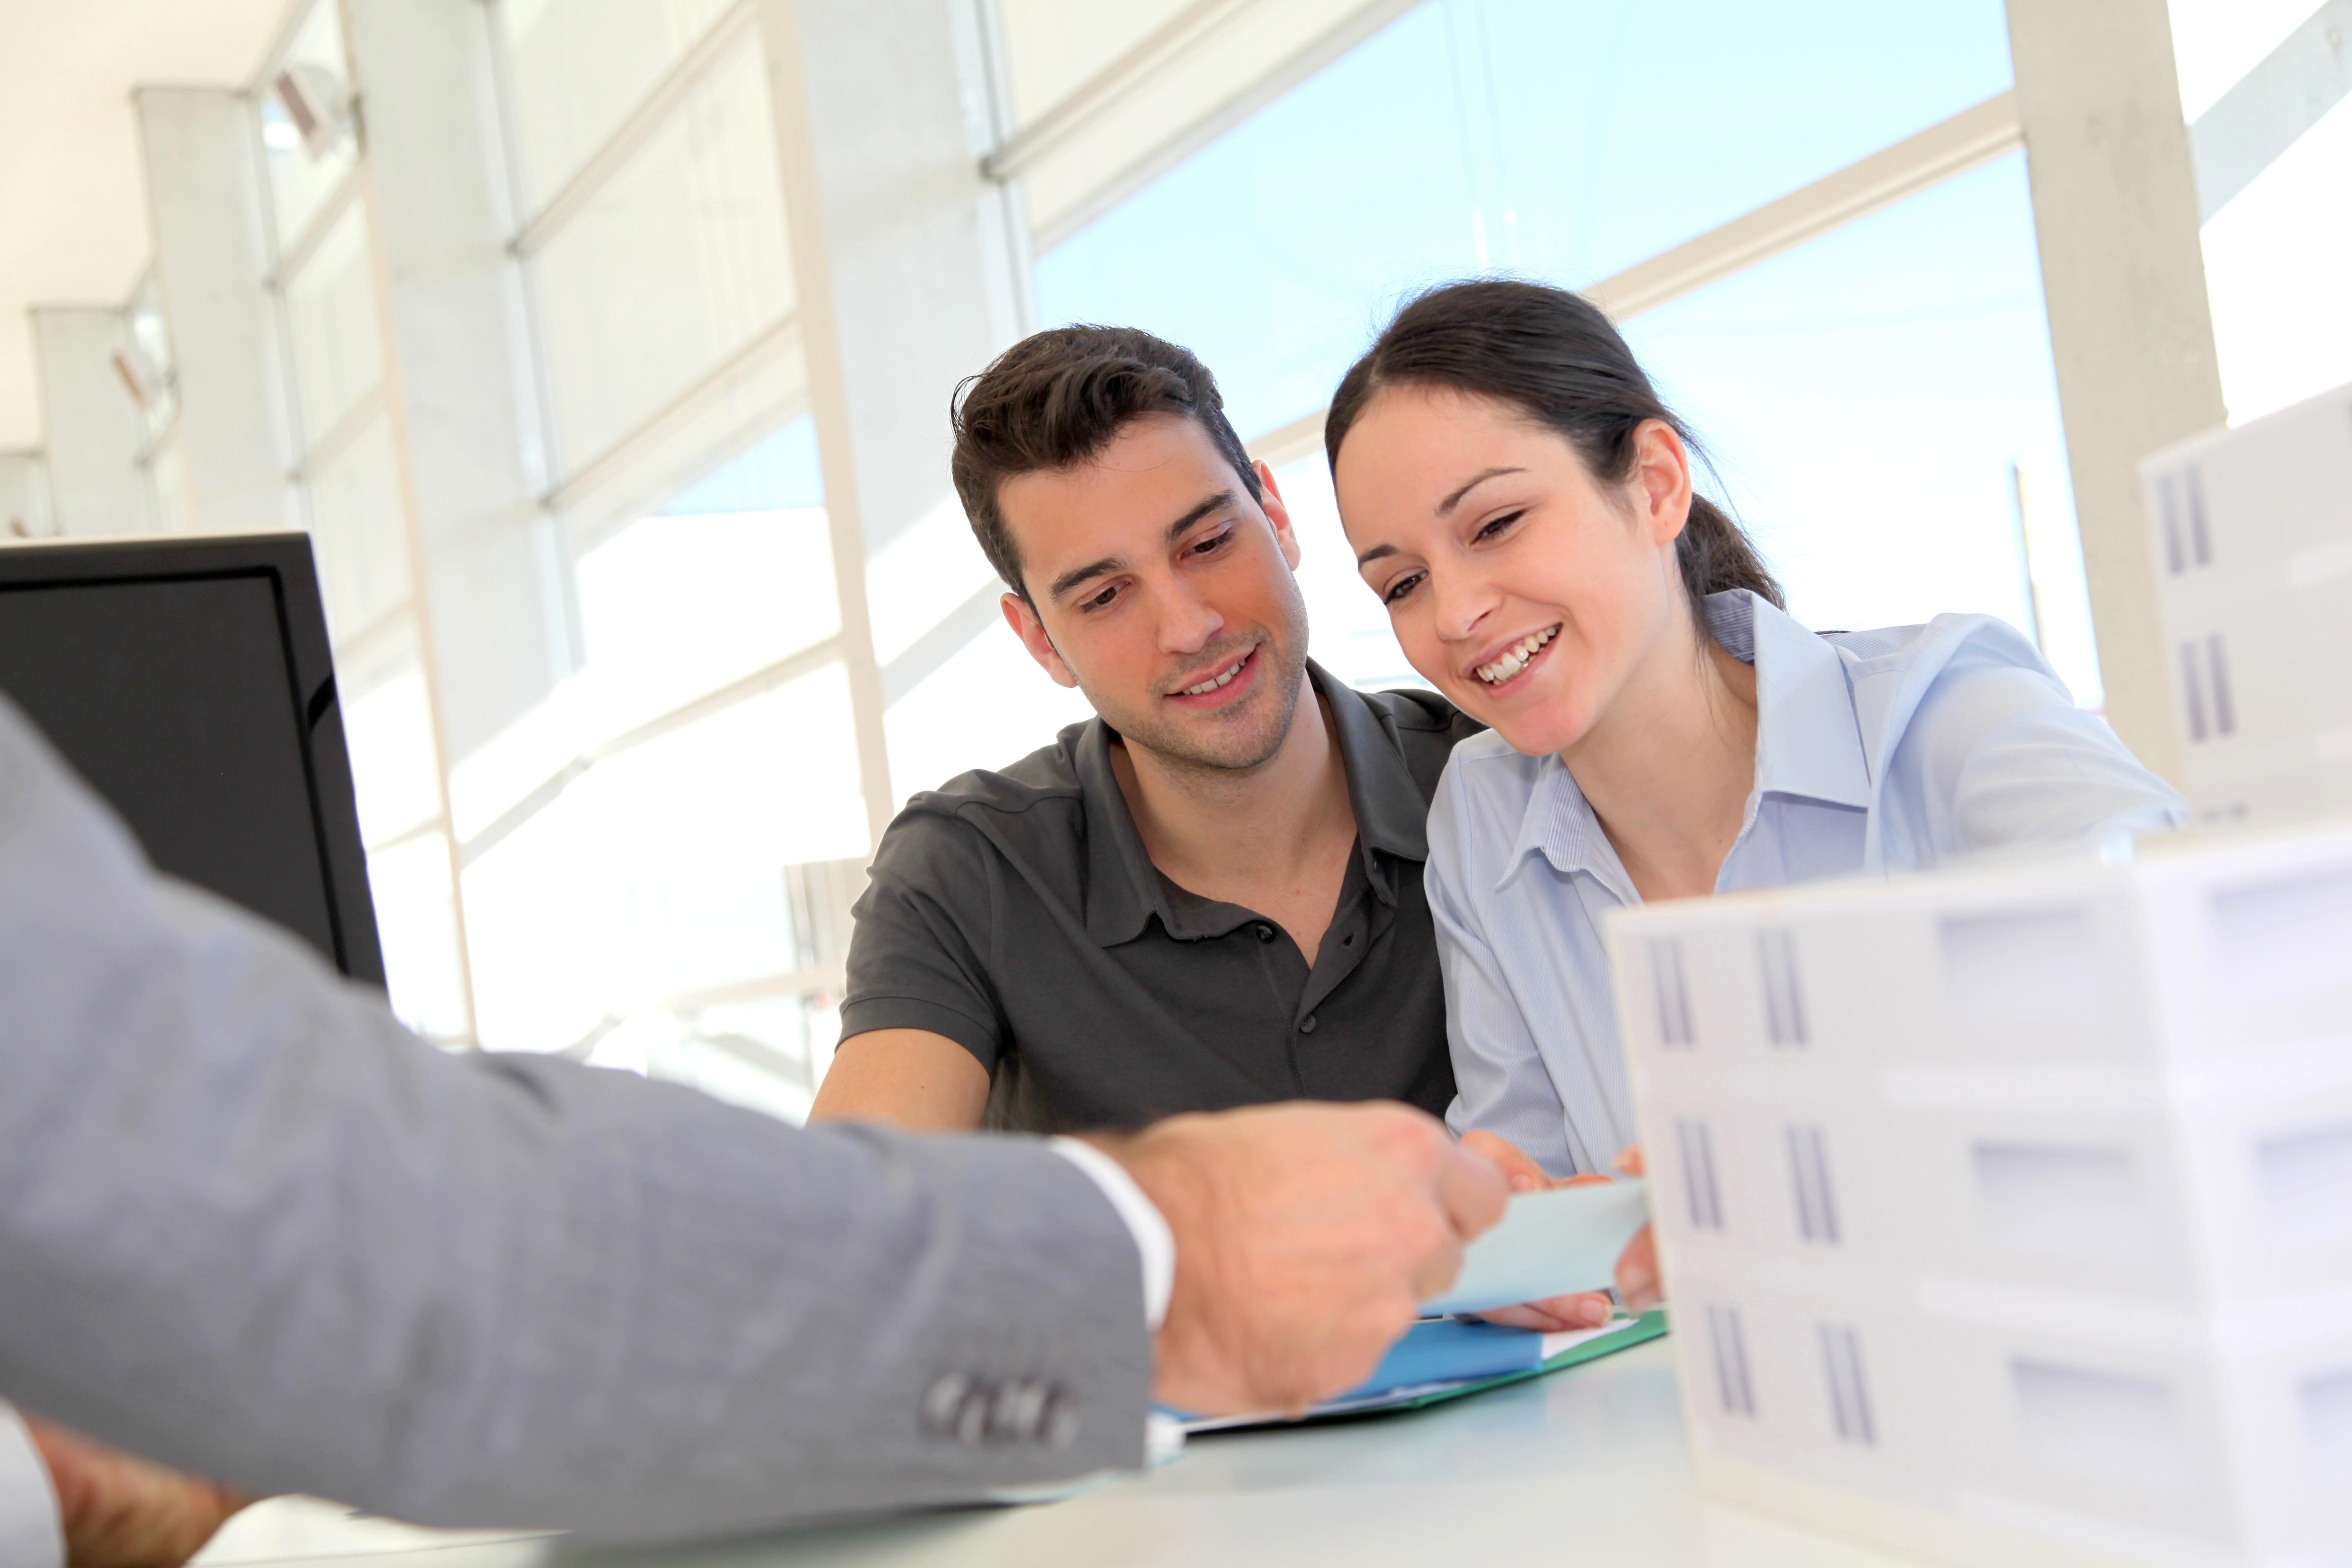 tout ce qu il faut savoir sur le compromis de vente actualite immobilier. Black Bedroom Furniture Sets. Home Design Ideas